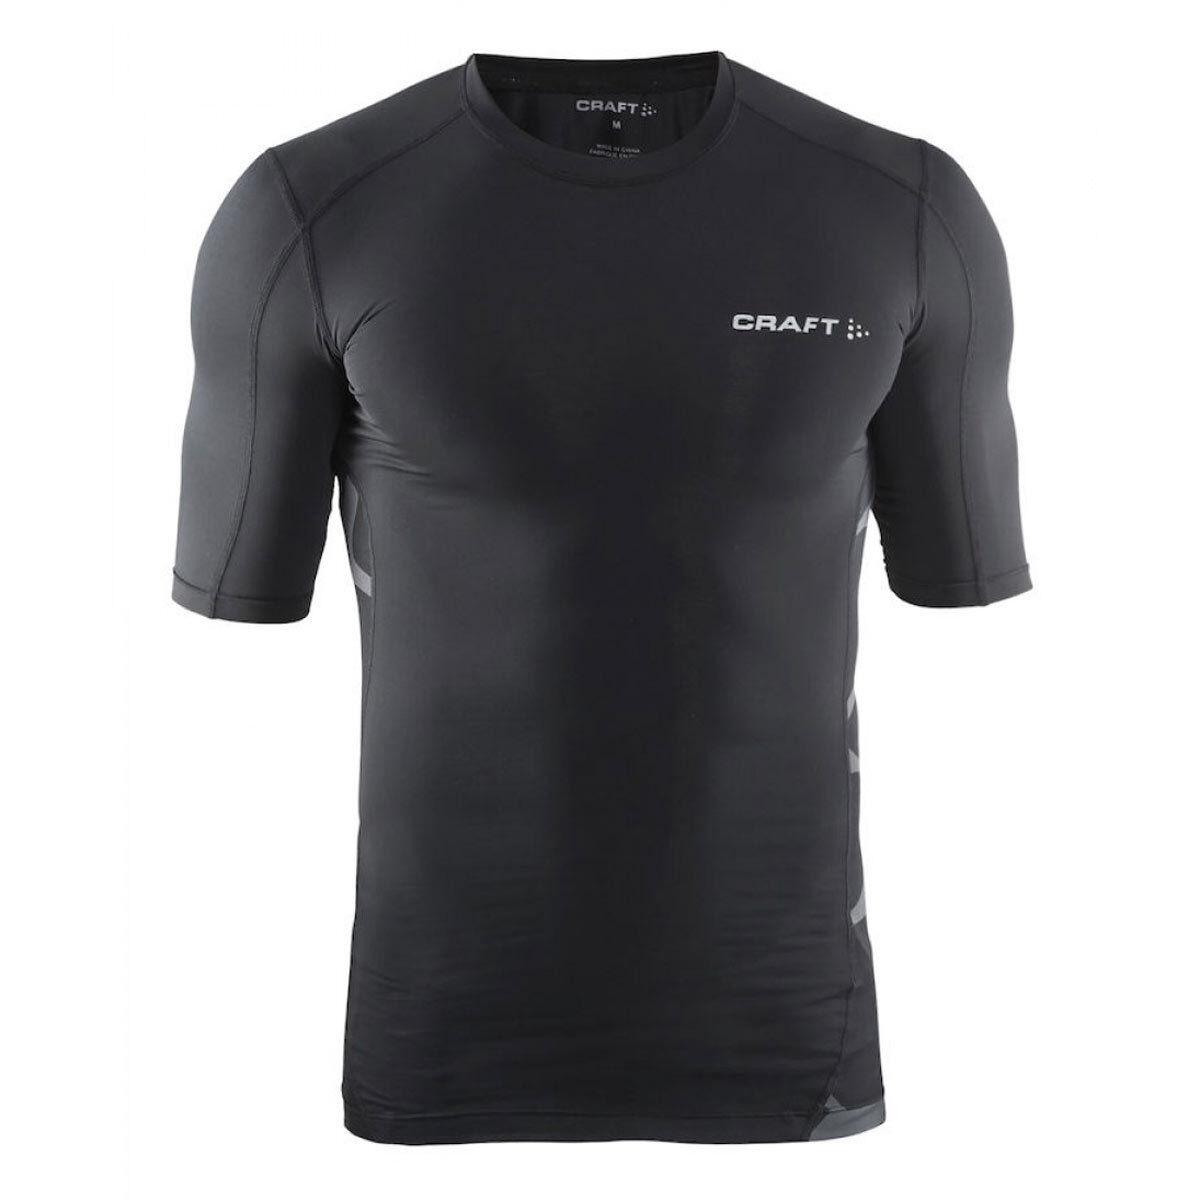 Craft Tone  té compression camisa señores de compresión para correr fitness camisa 1904538  buscando agente de ventas